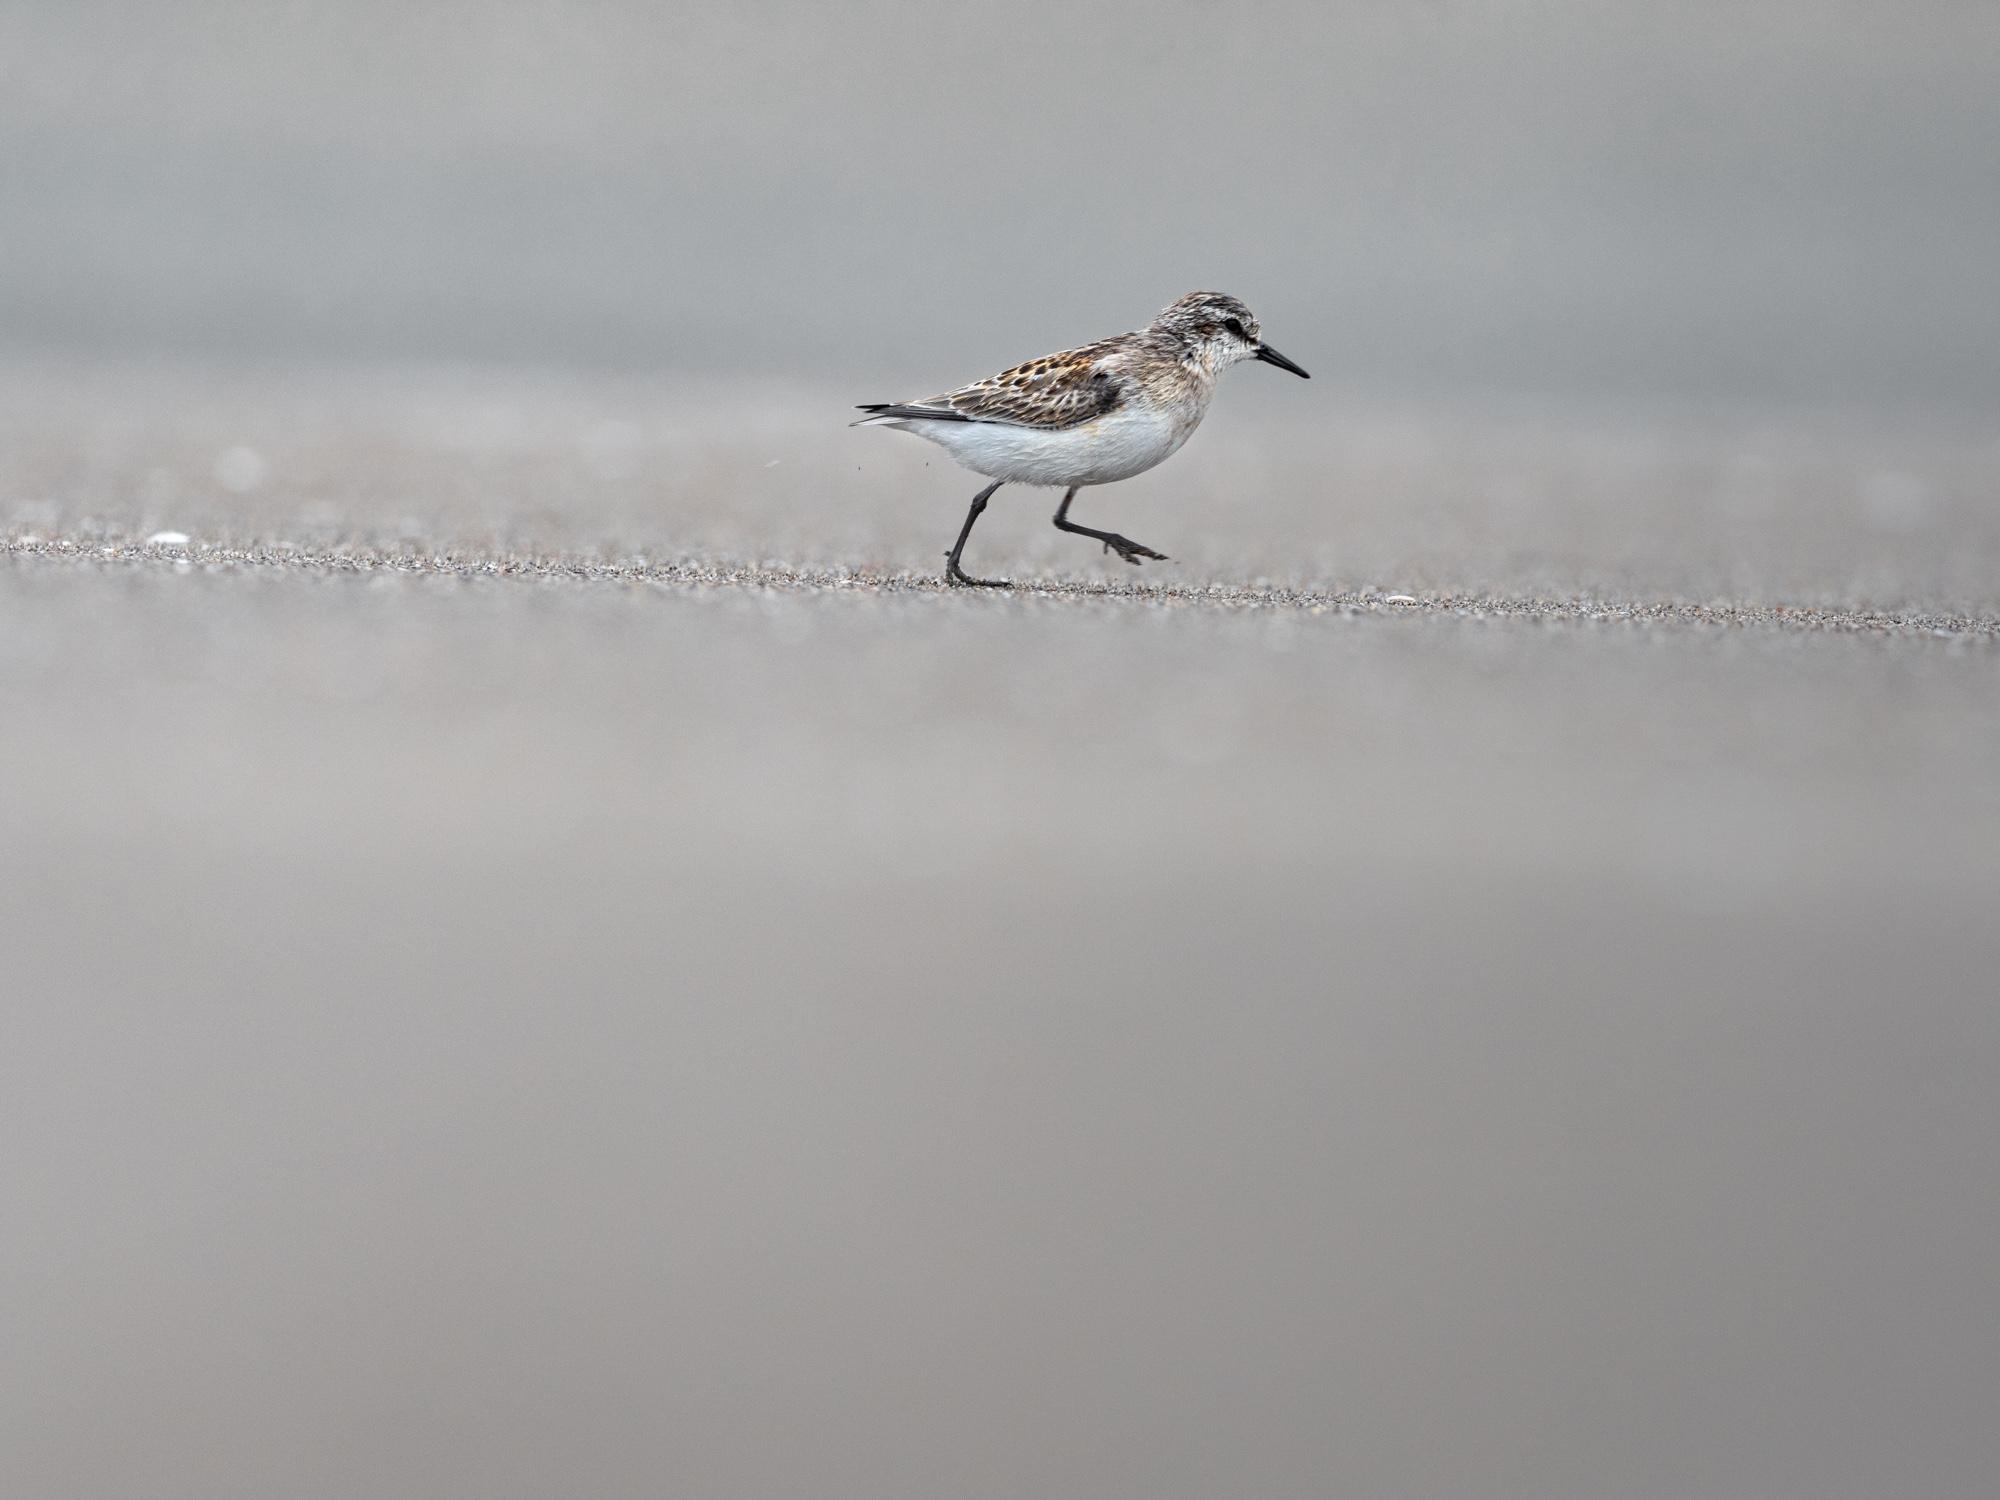 野鳥撮影に必要なカメラやレンズについて。